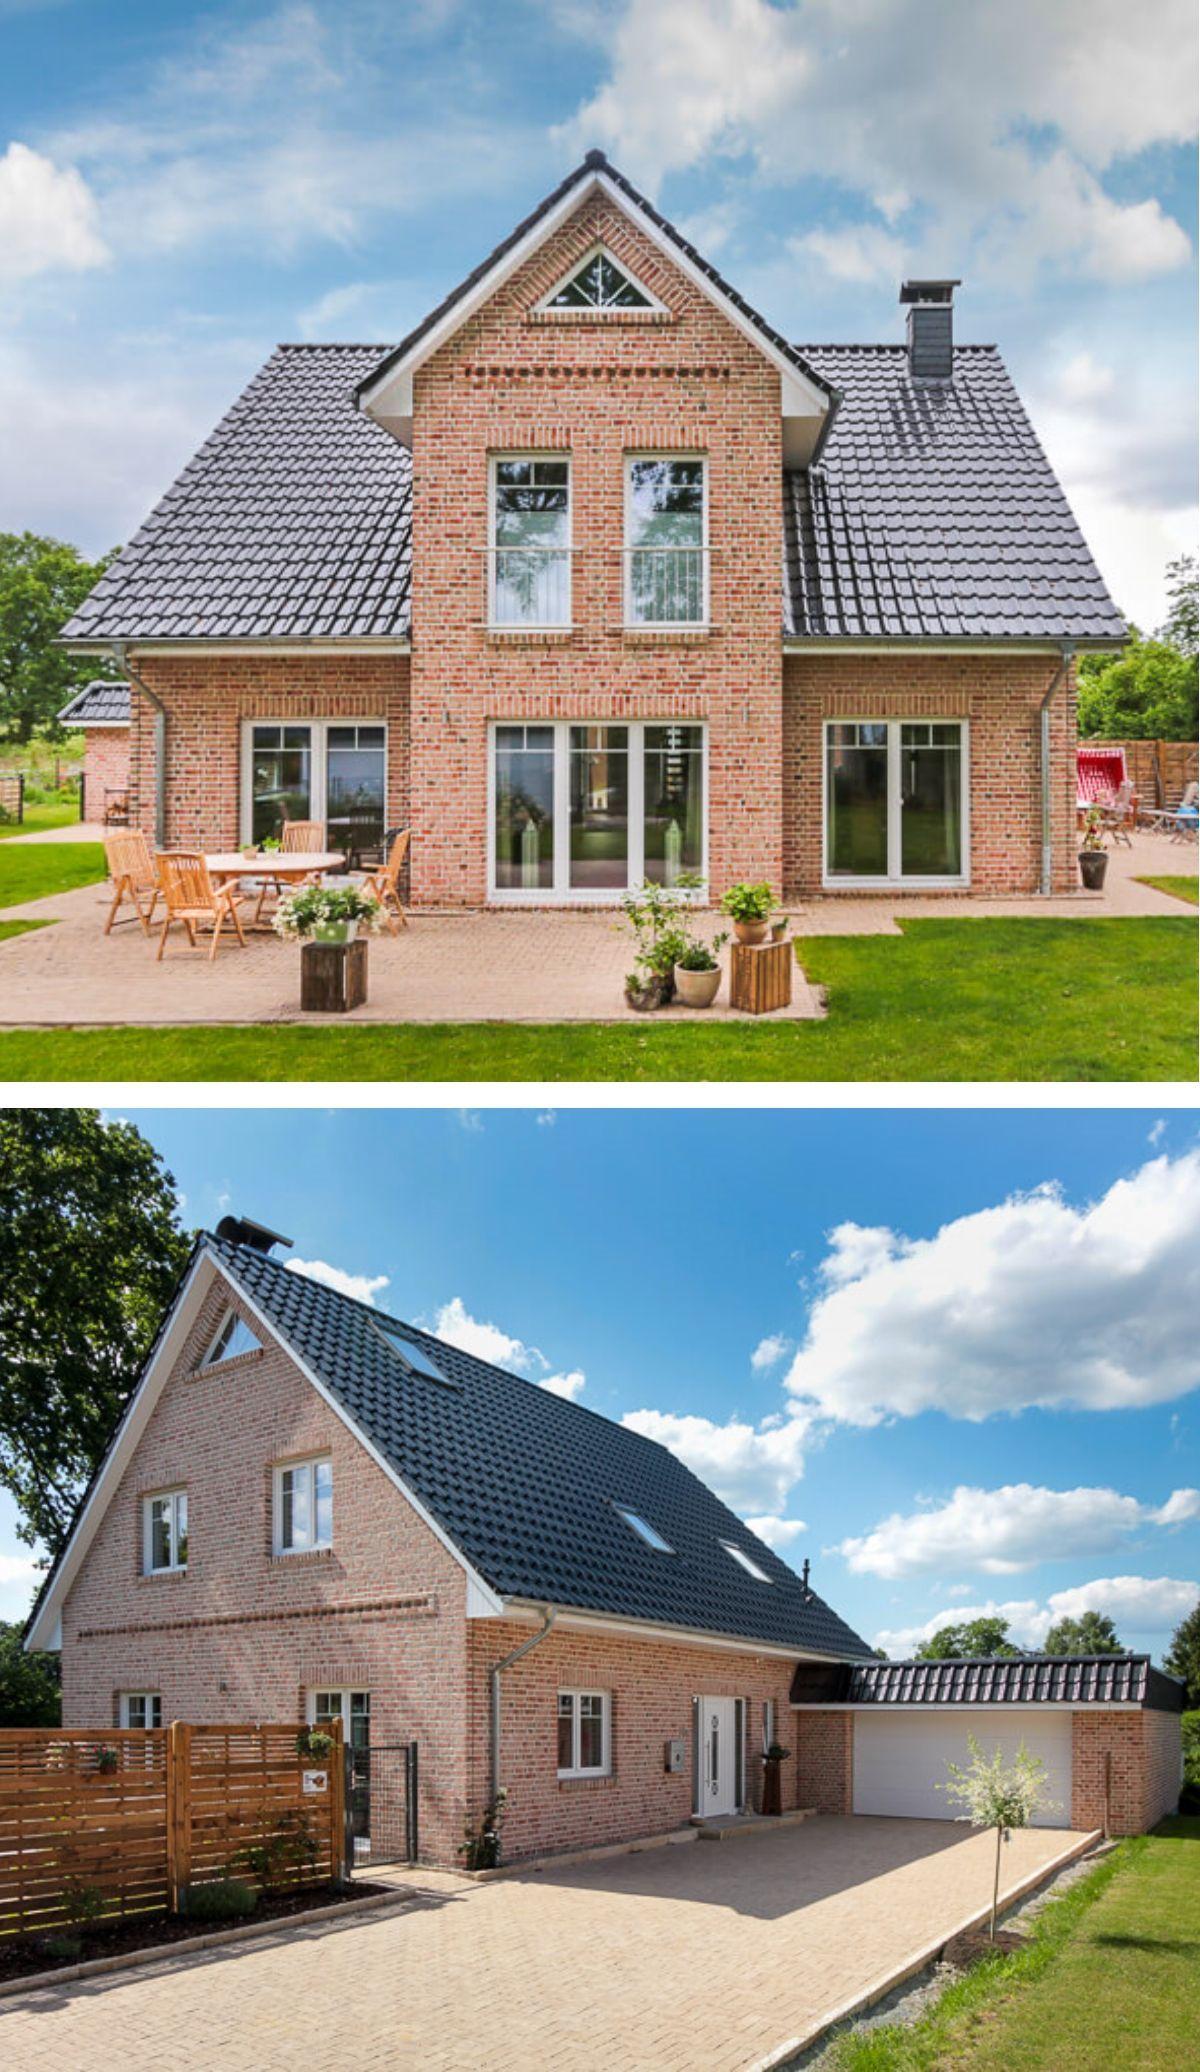 Einfamilienhaus im Landhausstil mit Garage, Satteldach